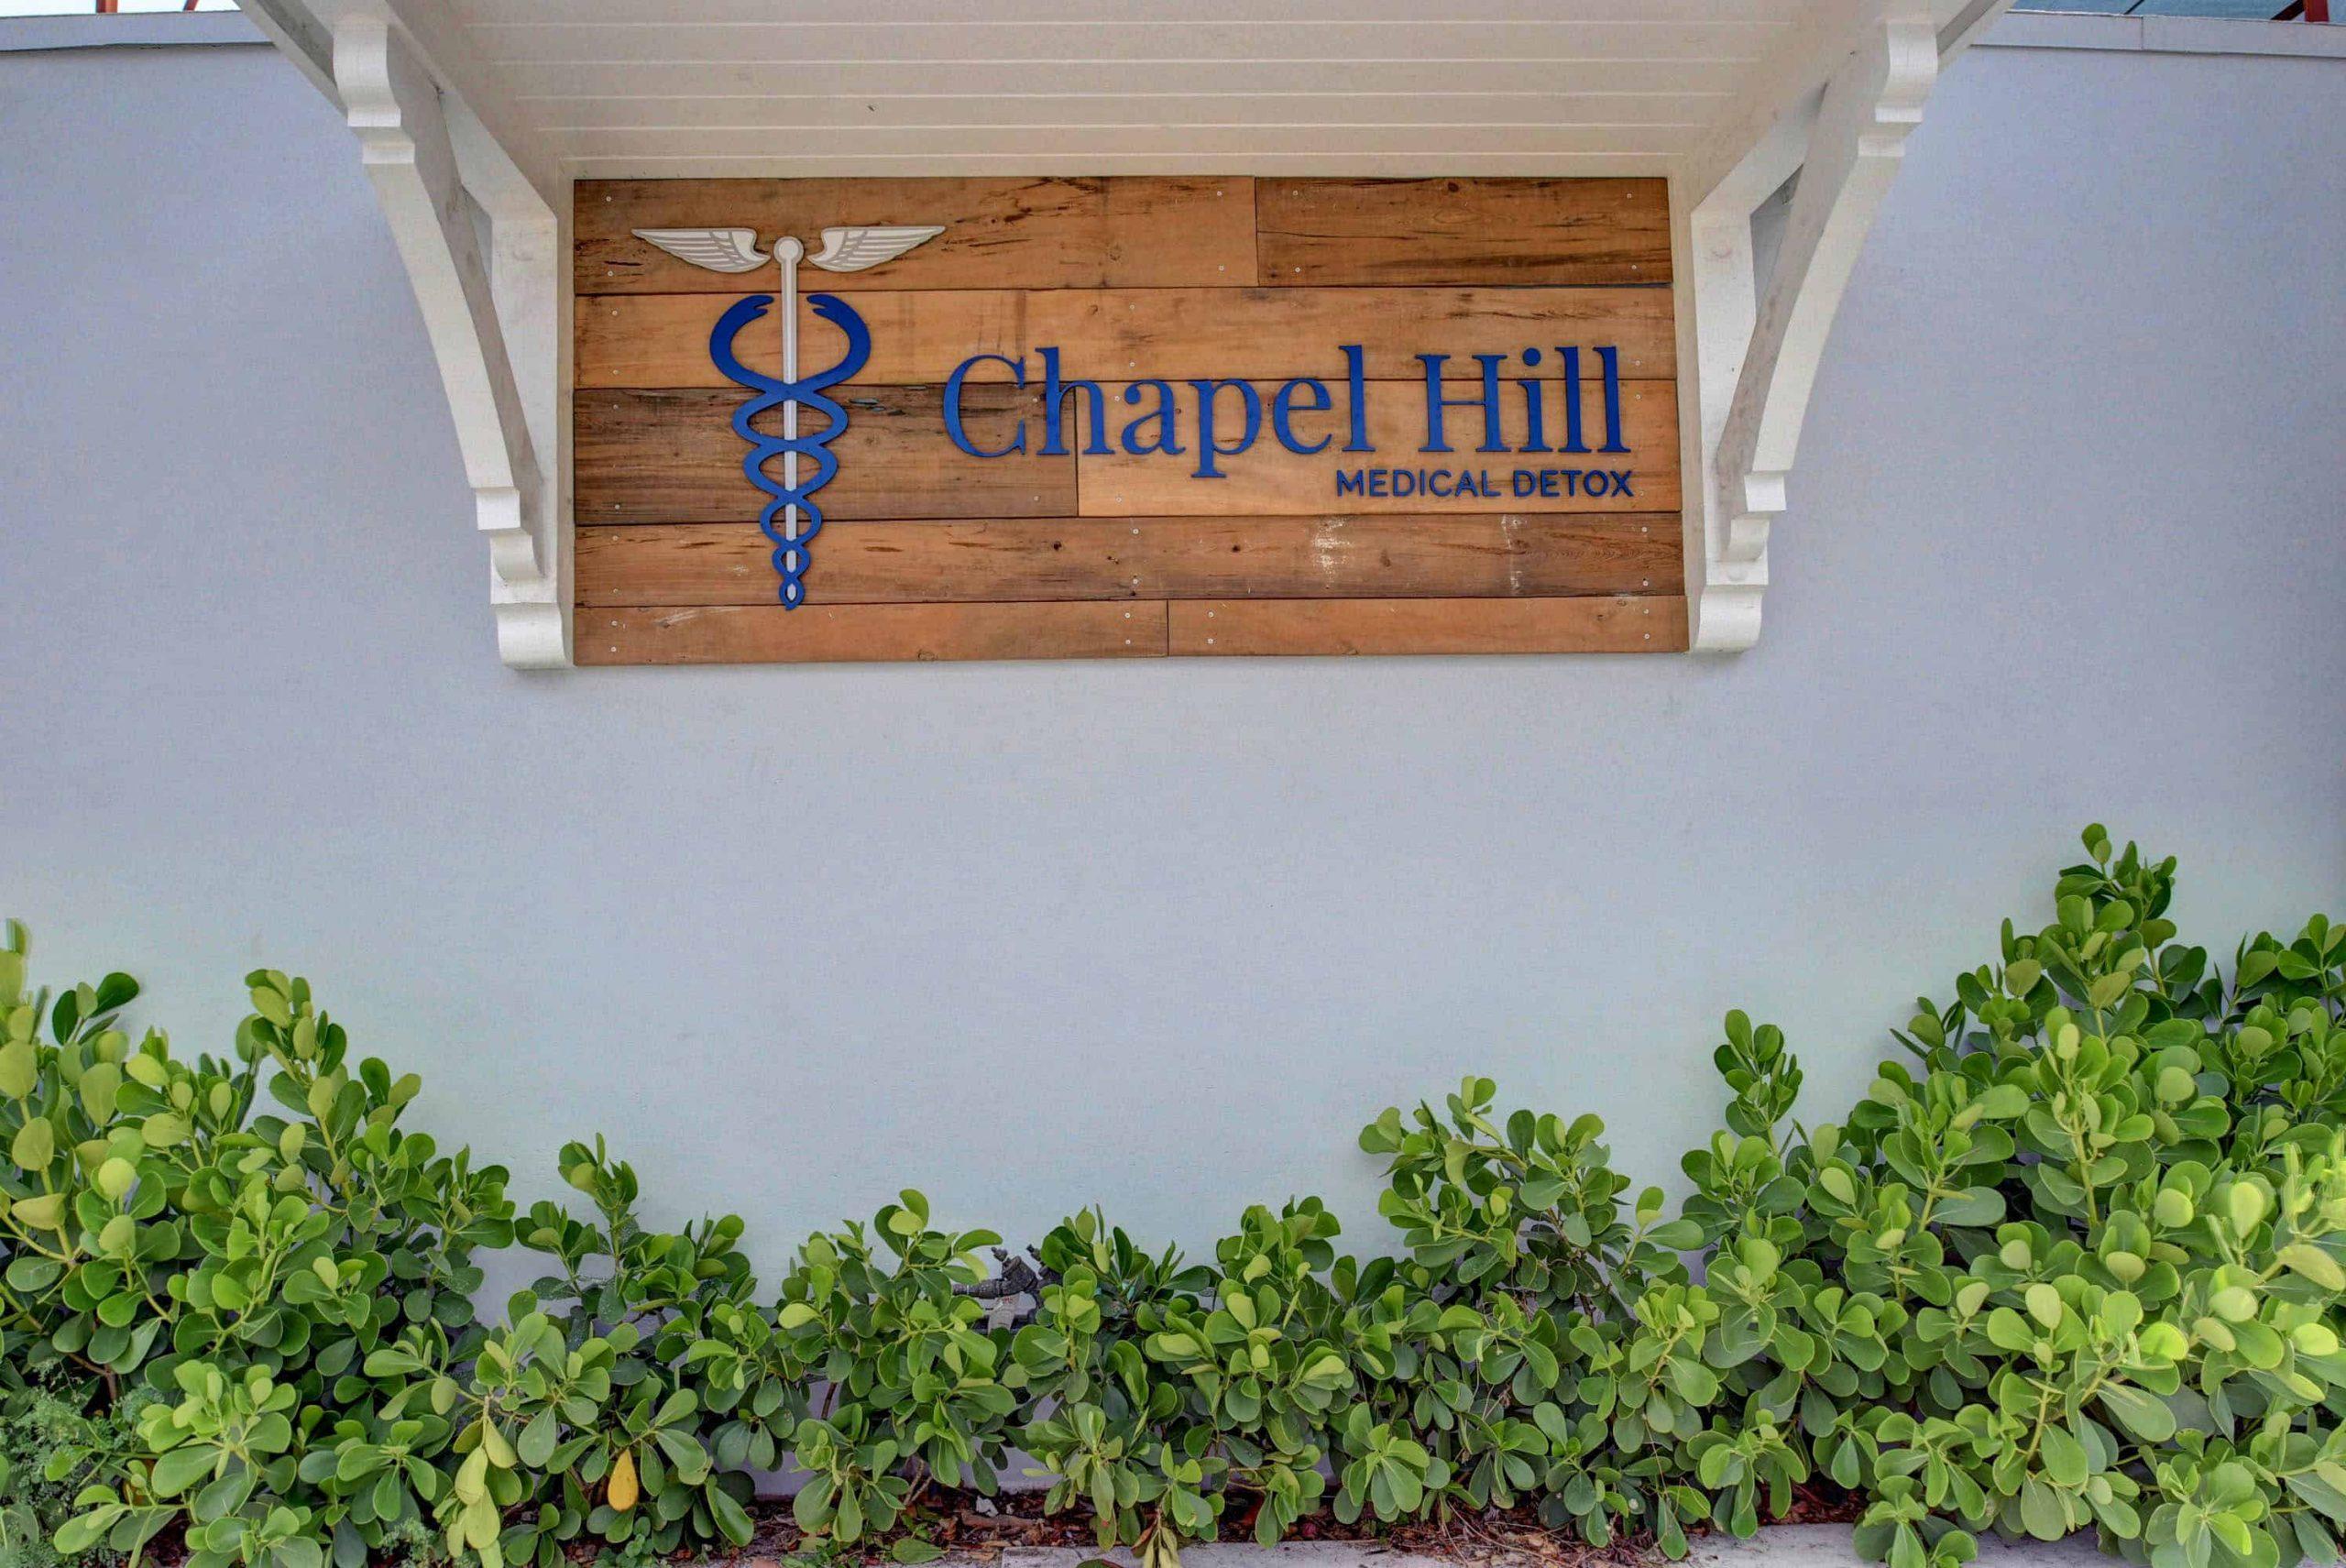 Chapel Hill Medical Detox Opens Its Doors